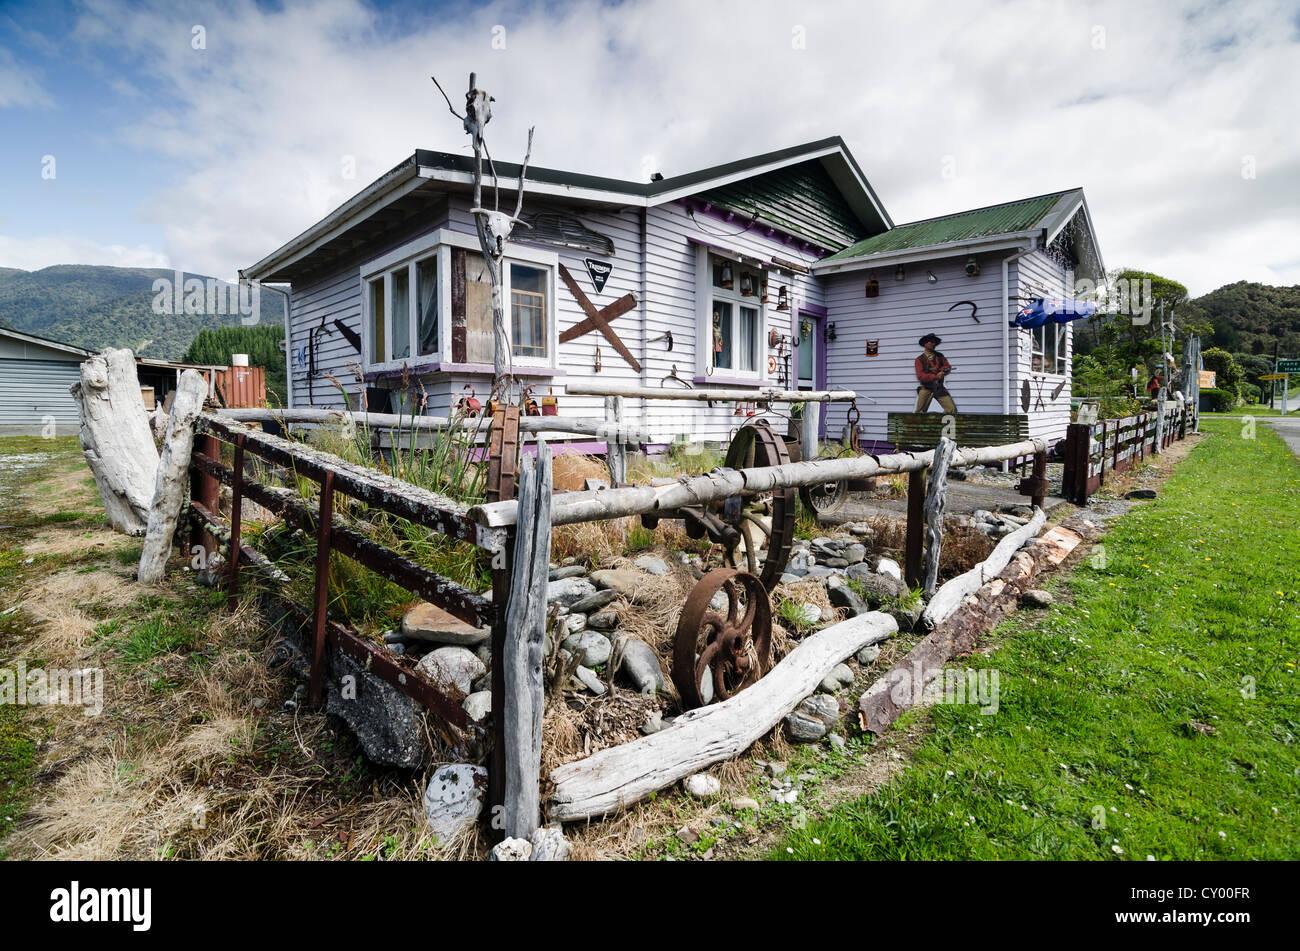 Attrazione turistica, quirky casa decorata con Wild West paraphernalia, targhe, latte di mucca e di pecora teschi, Immagini Stock